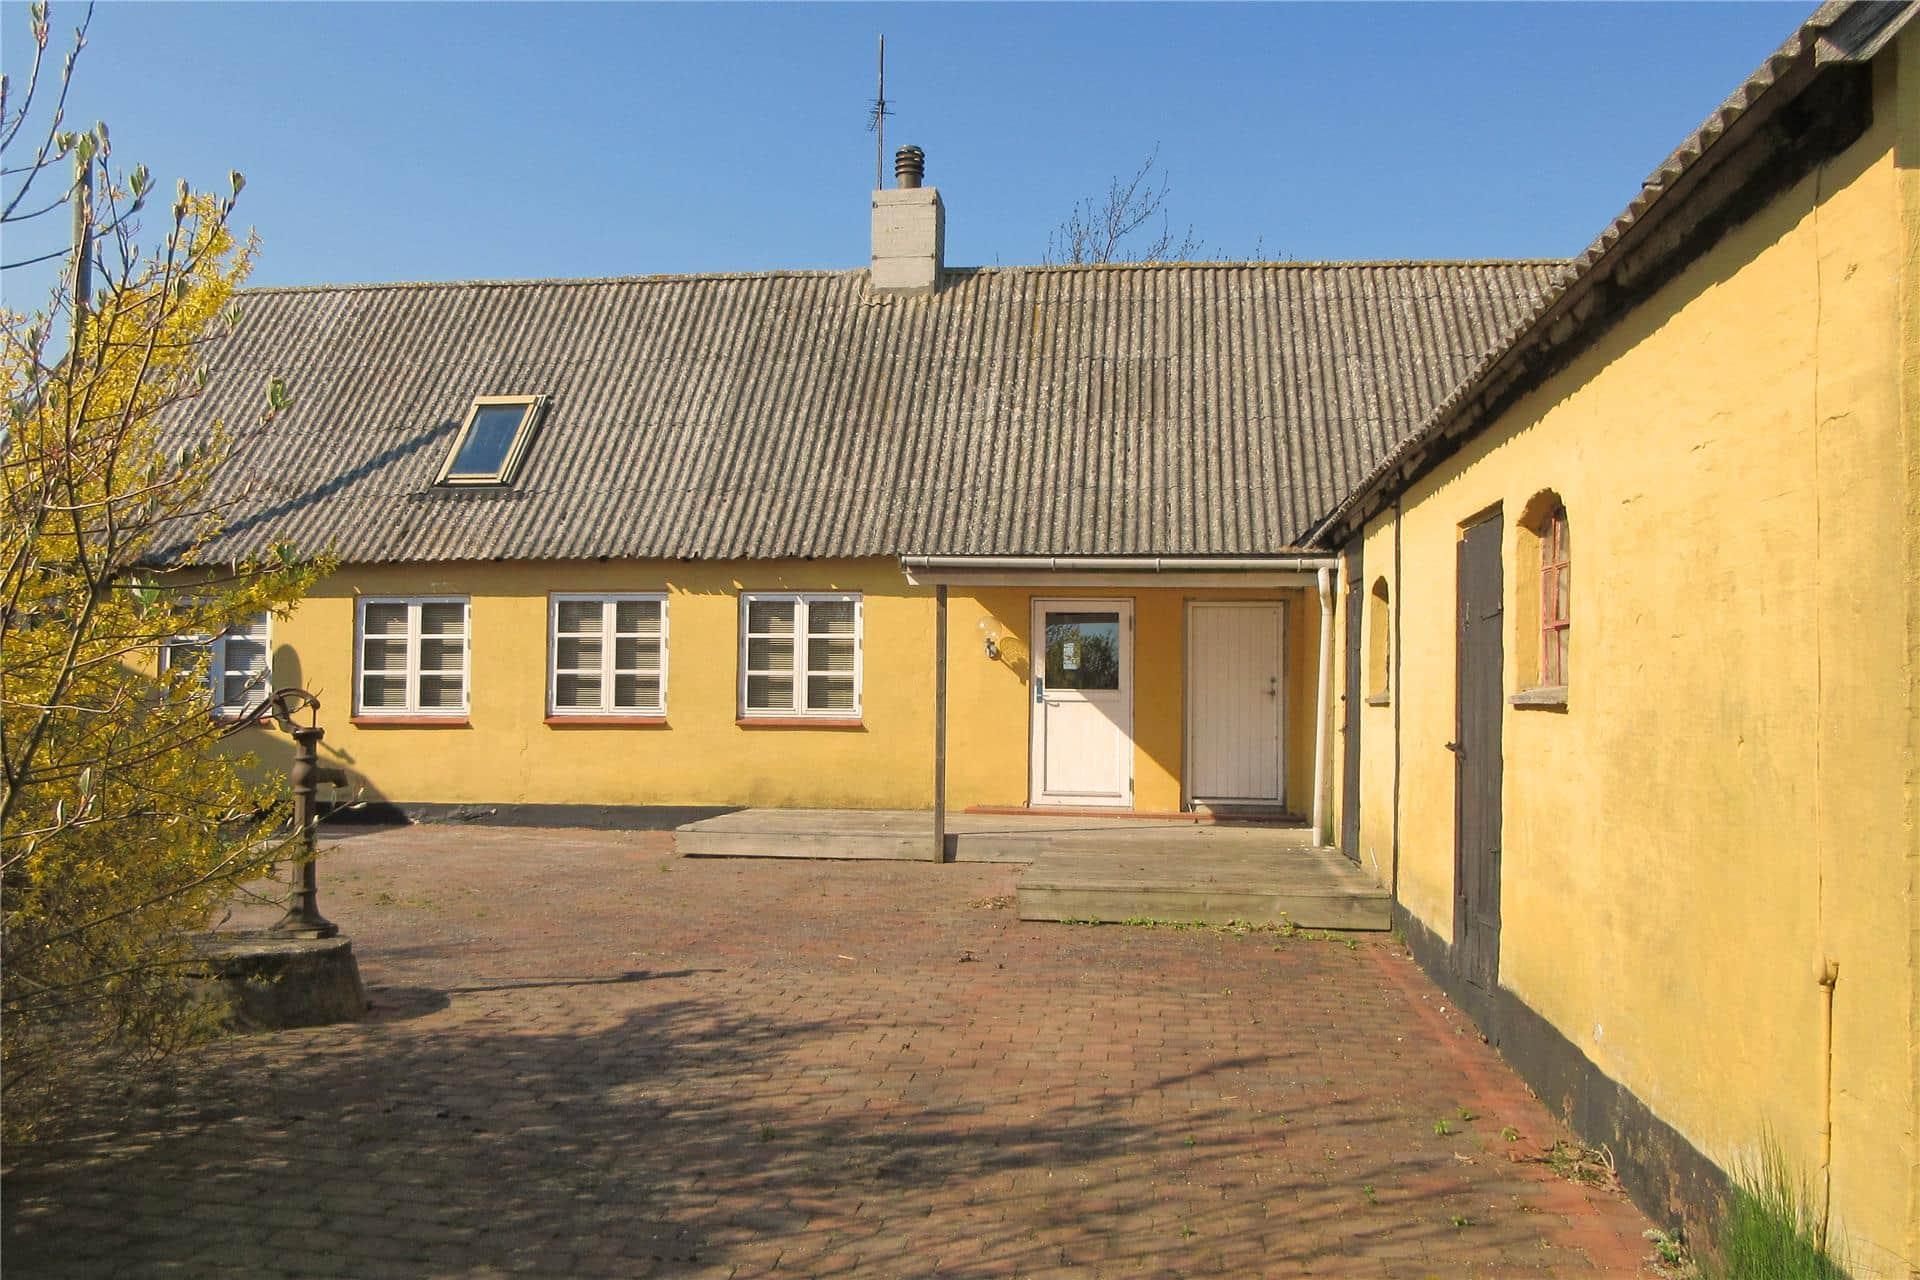 Bilde 1-10 Feirehus 4732, Grammegårdsvej 22, DK - 3720 Aakirkeby